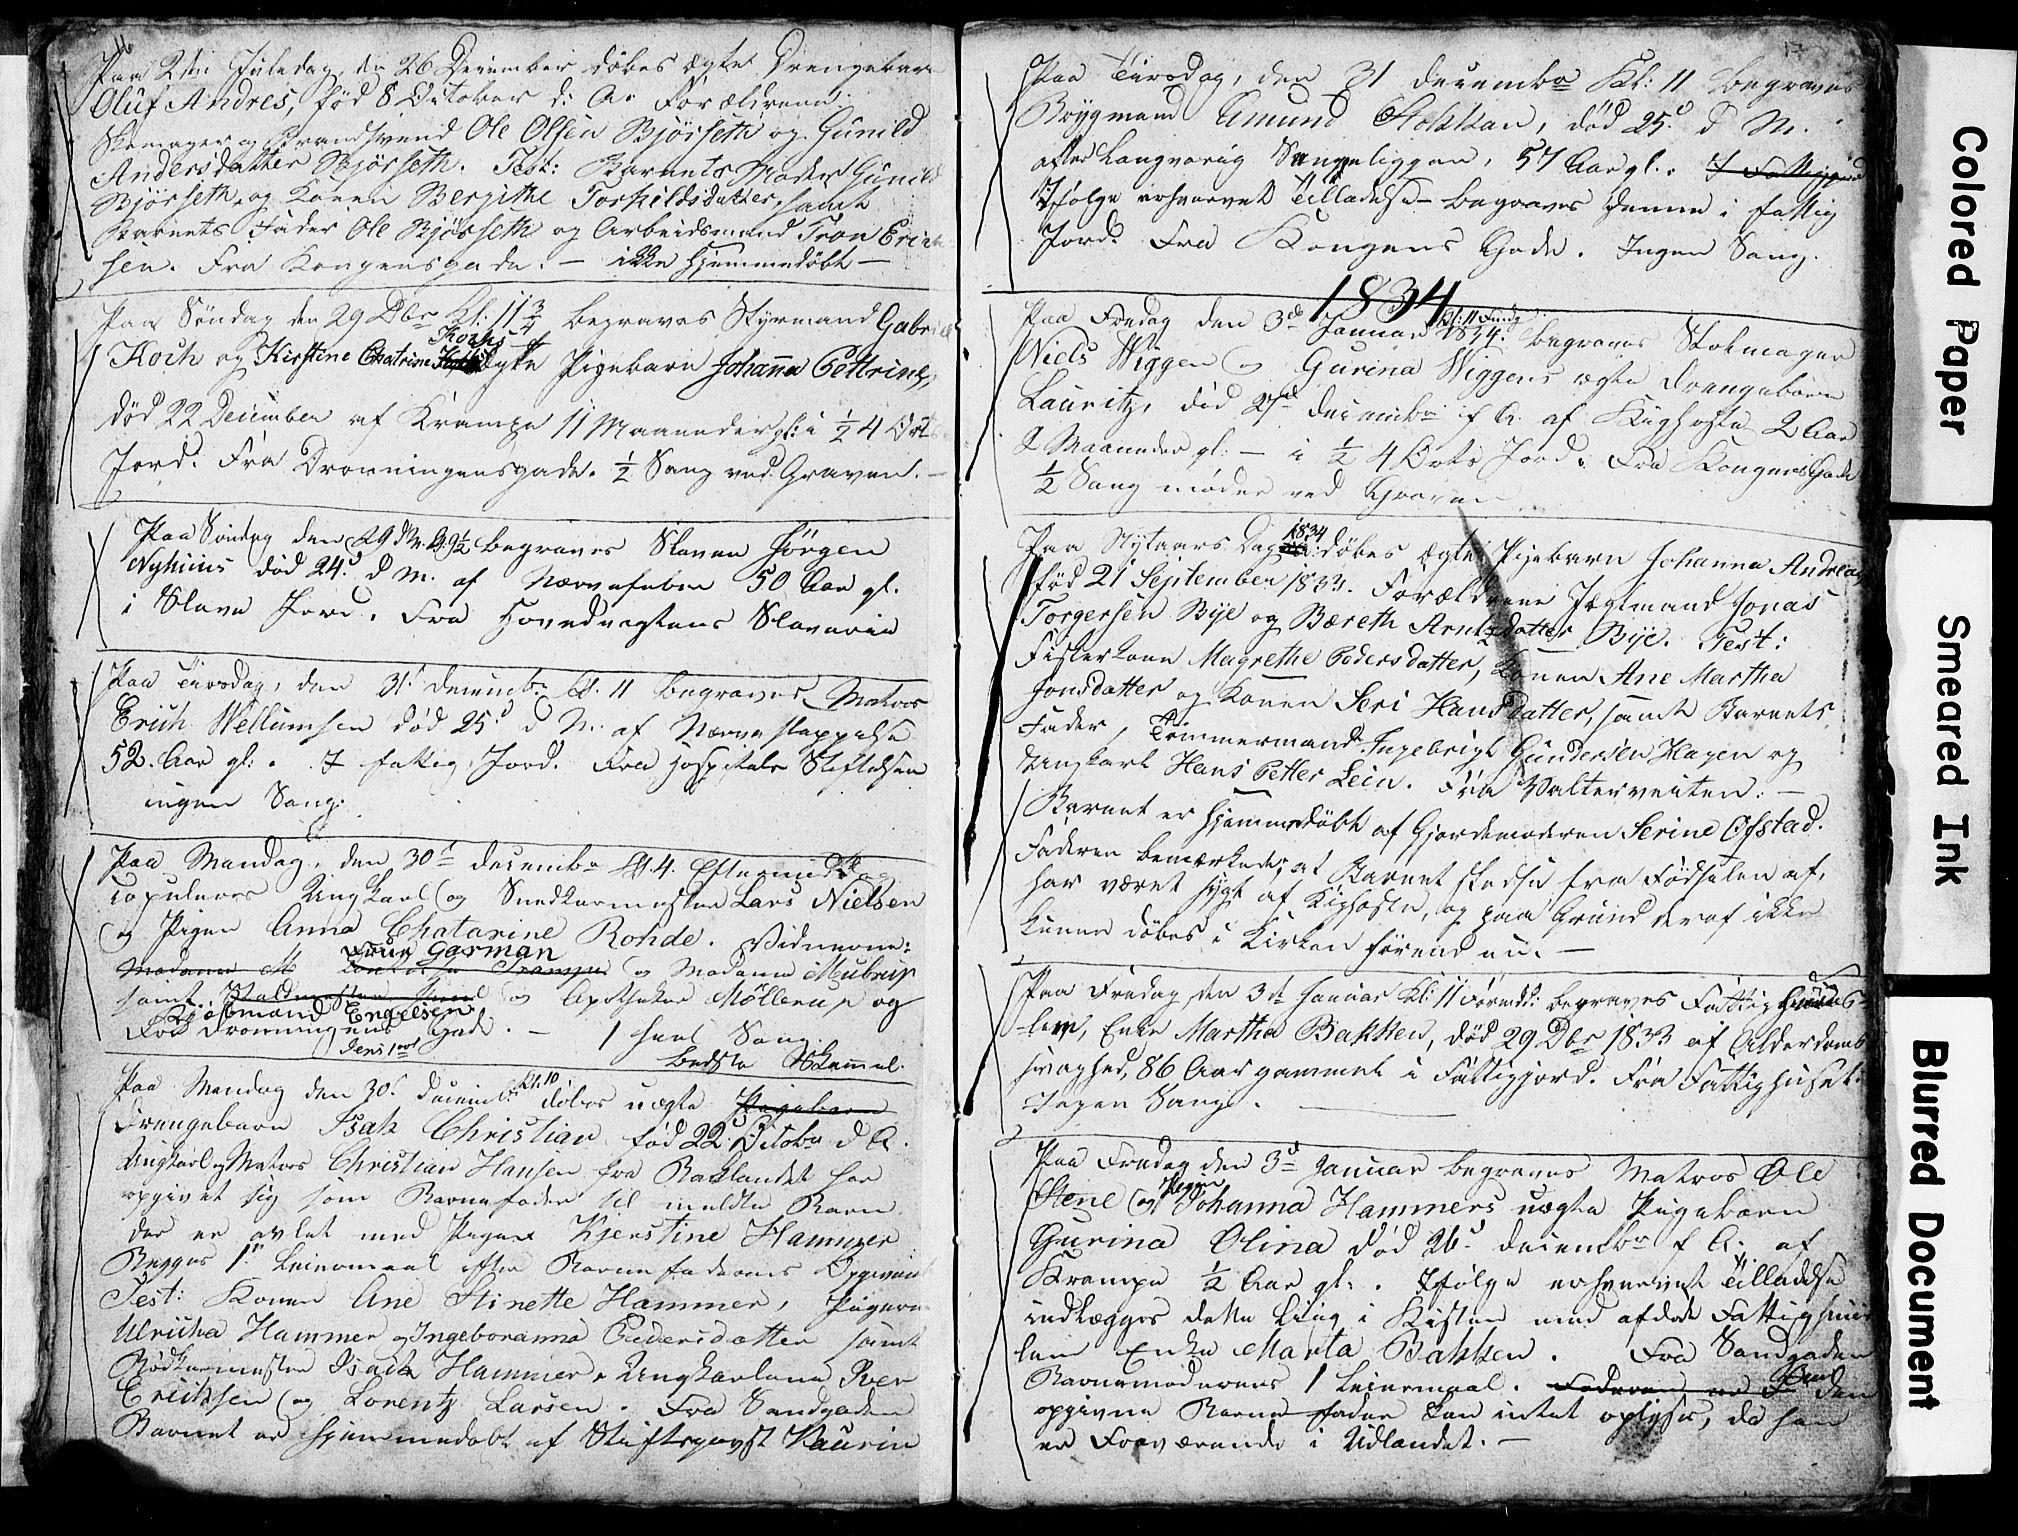 SAT, Ministerialprotokoller, klokkerbøker og fødselsregistre - Sør-Trøndelag, 601/L0082: Klokkerbok nr. 601C00, 1833-1834, s. 16-17